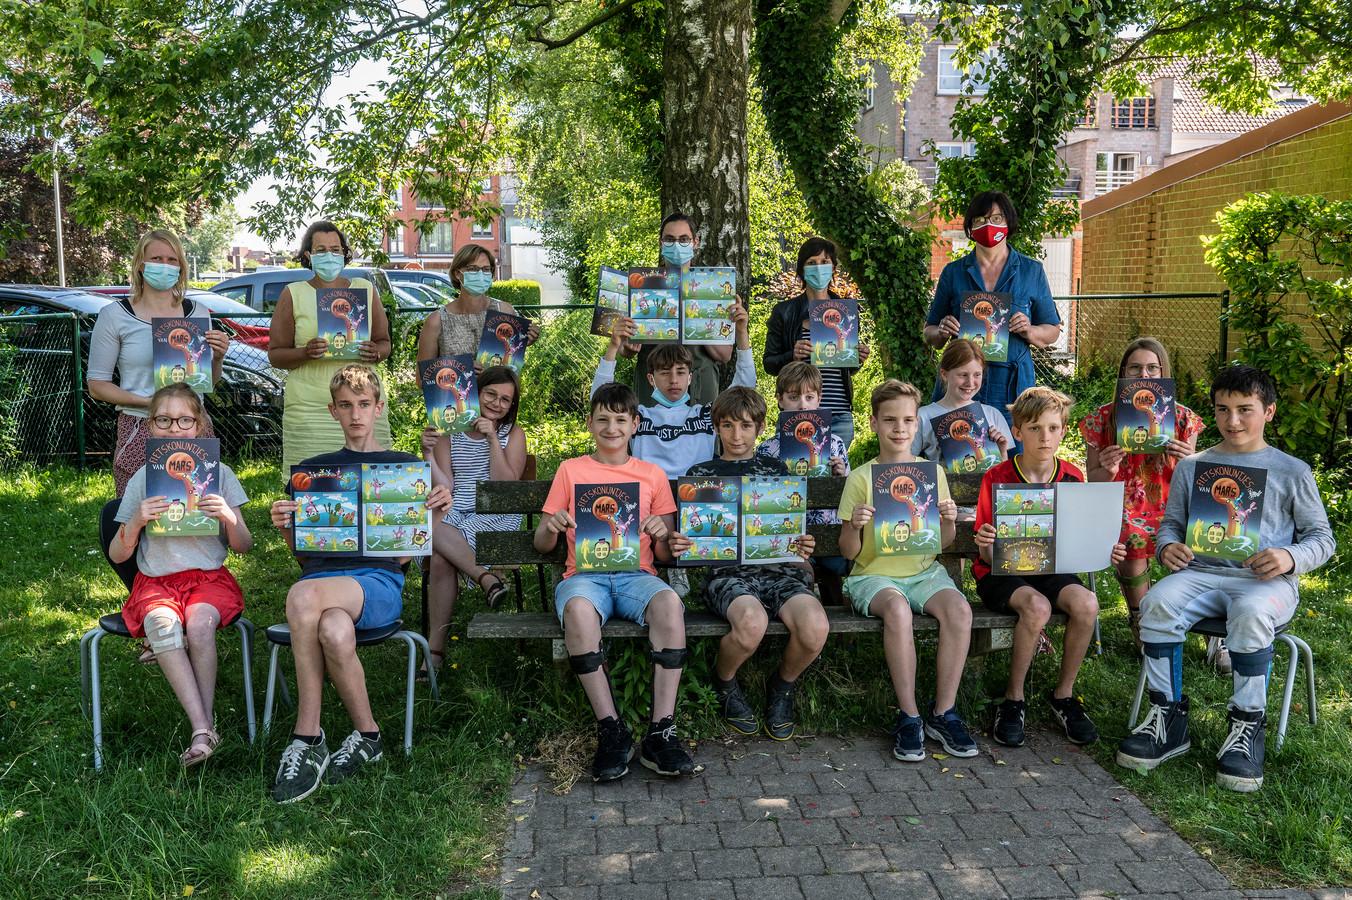 De leerlingen van Dominiek Savio, waarvan de school tijdelijk in de Westlaan gevestigd is, werkten mee aan het project 'Helden en Schurken'